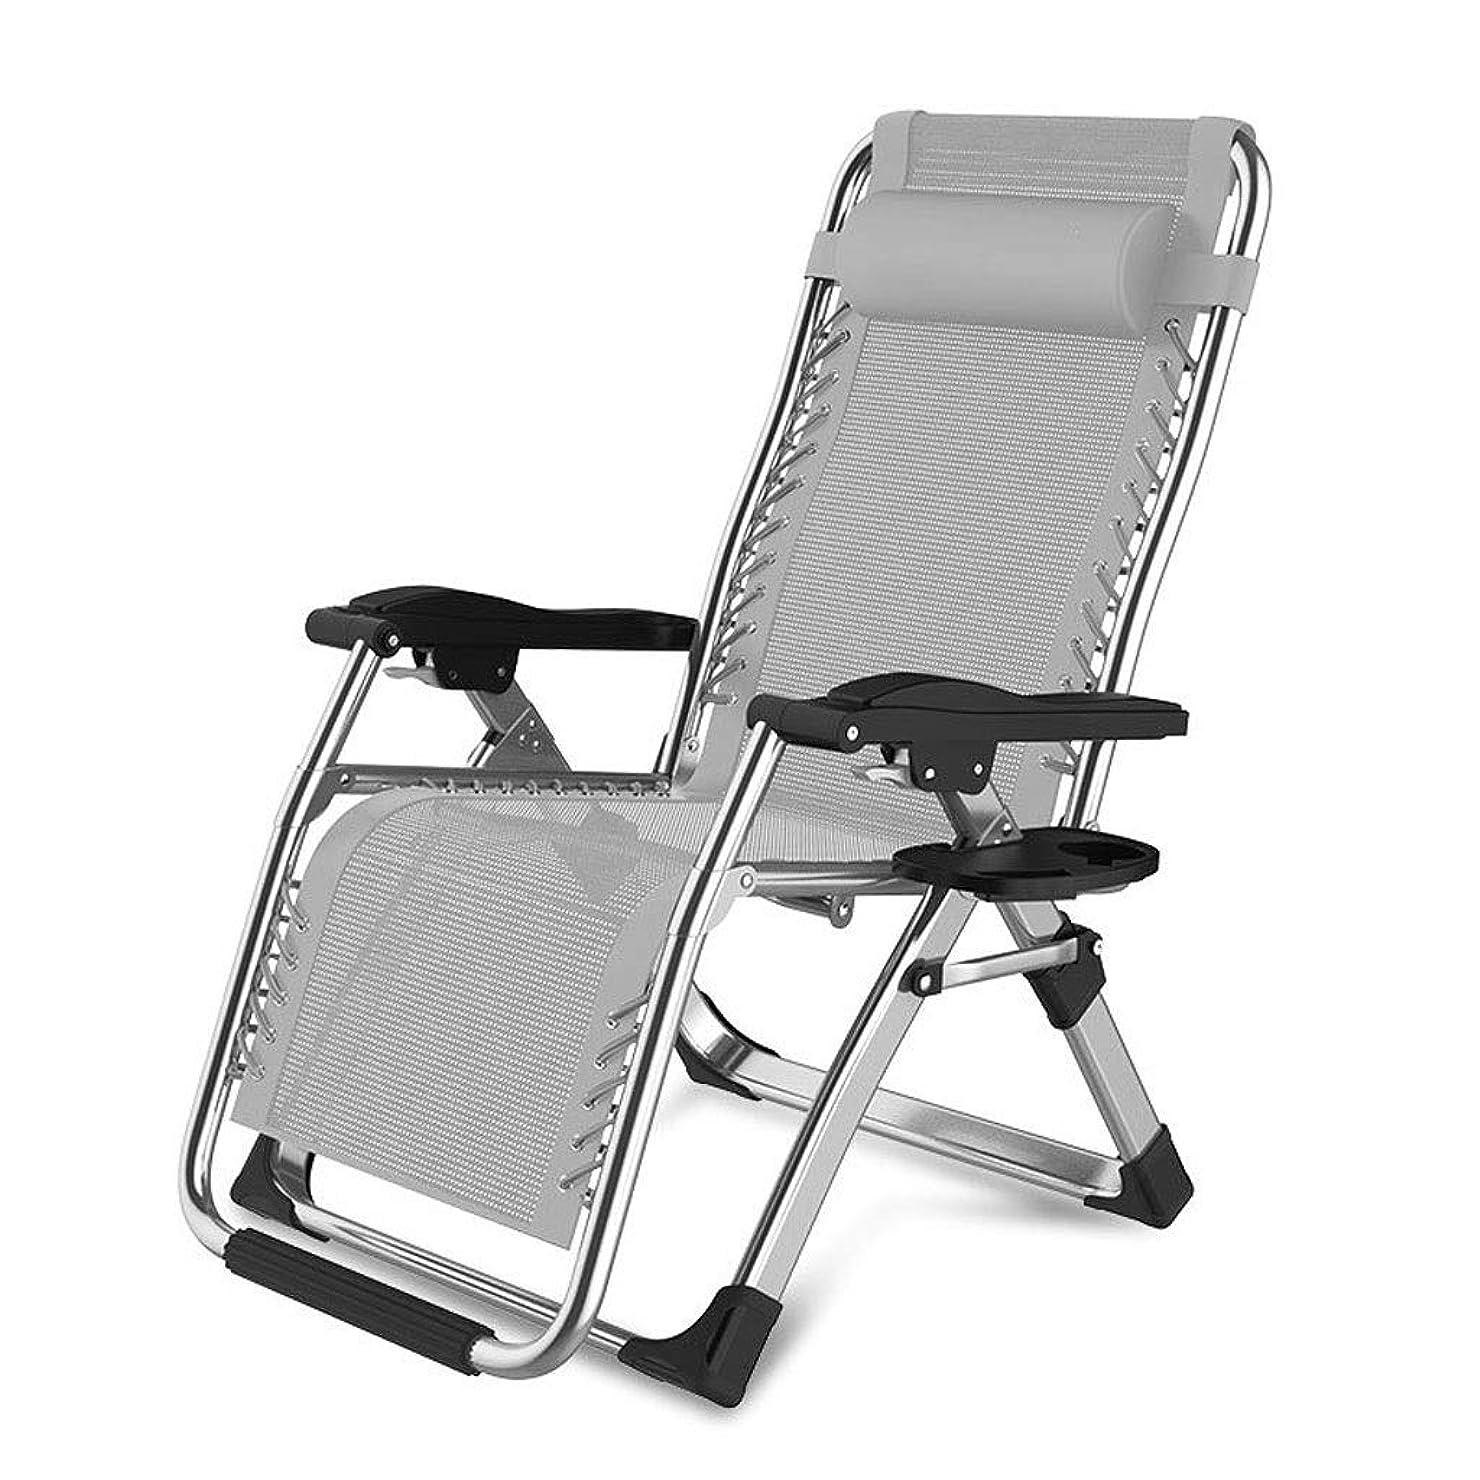 横に眉ノイズラウンジチェア | ゼロ重力椅子 | ガーデンアウトドアパティオサンラウンジャー | 折りたたみリクライニングチェア | ラウンジャーデッキチェア(ブラック) (Color : C, Size : 75x65x80cm)